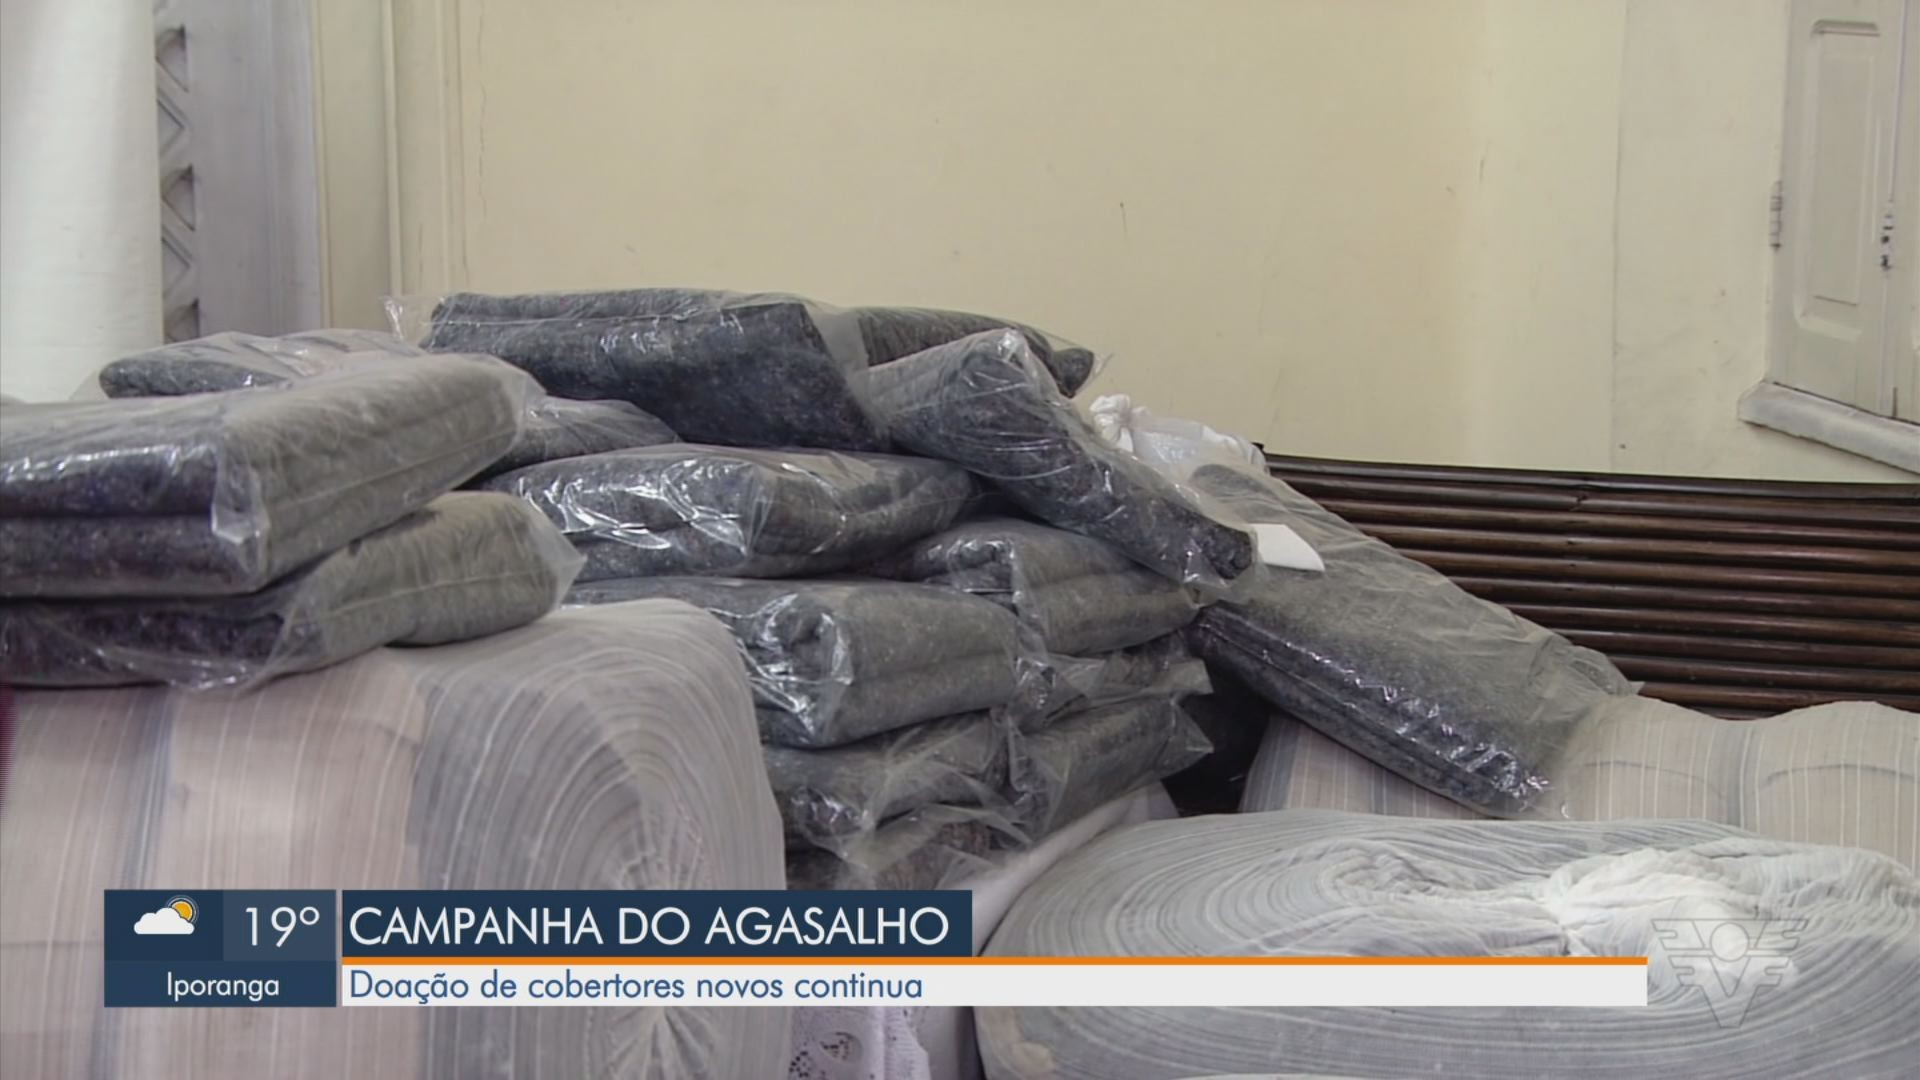 Campanha do Agasalho: PM da Bahia recebe roupas, sapatos e cobertores para doar a necessitados